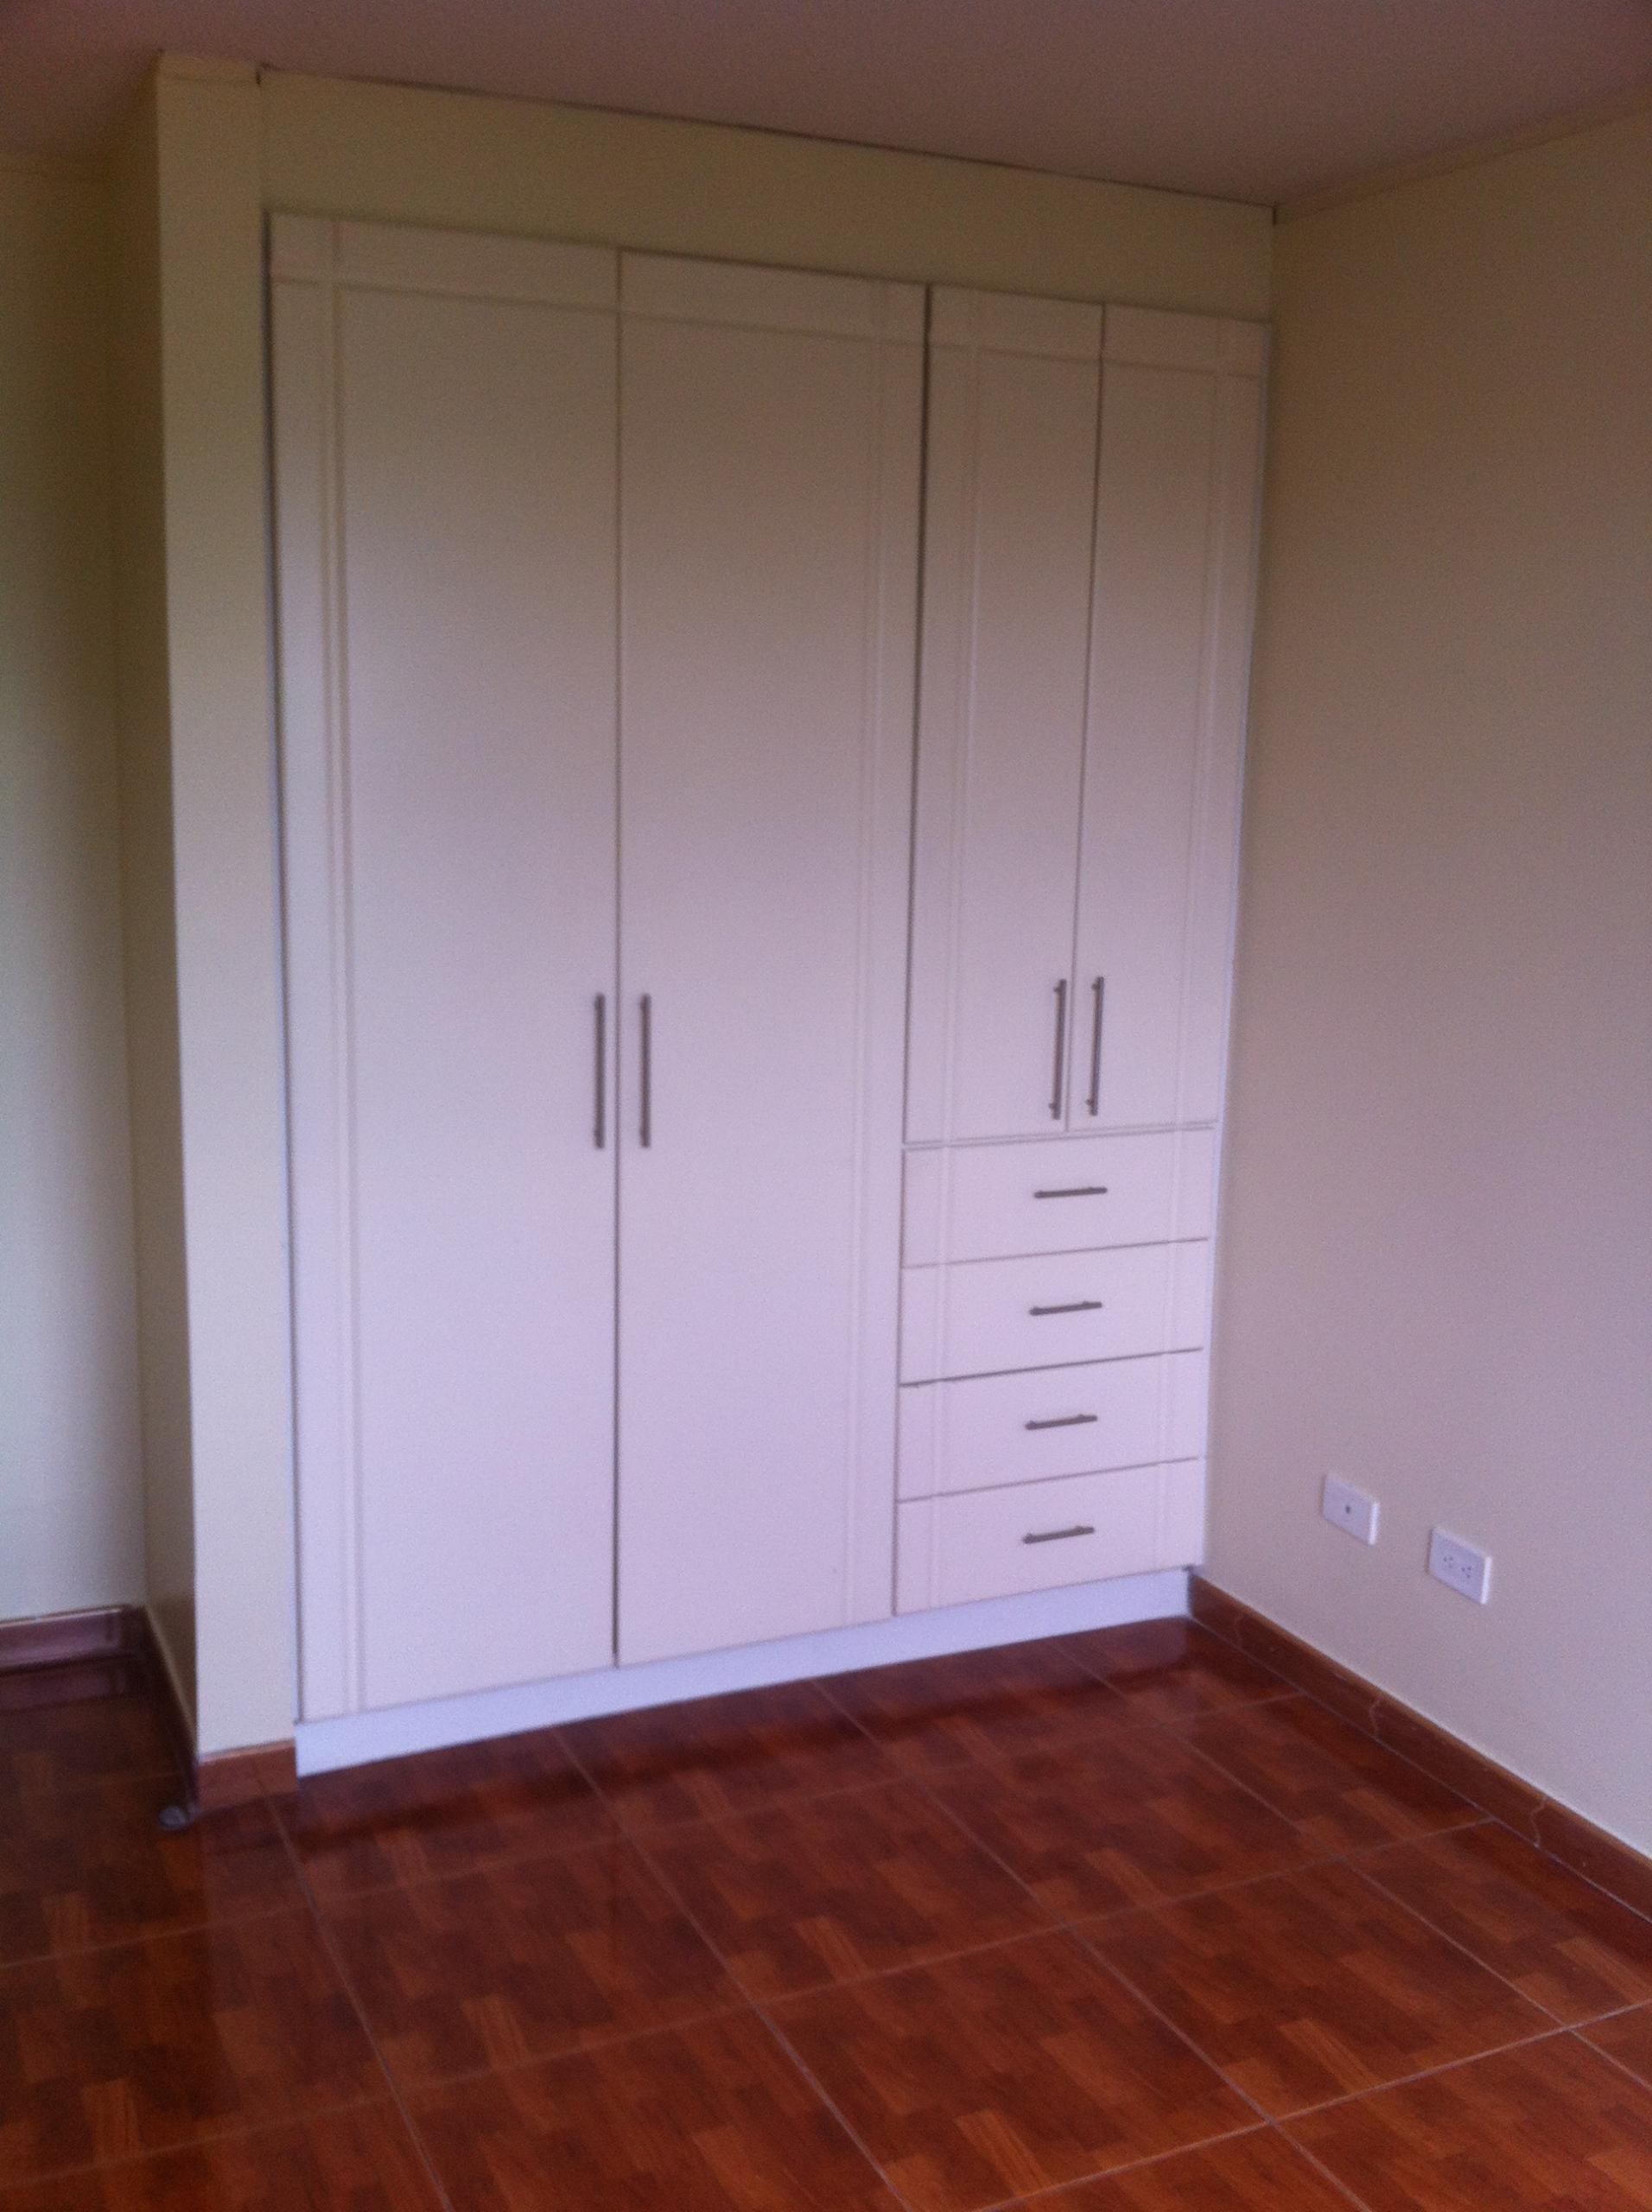 Dormitorios con closets scaled